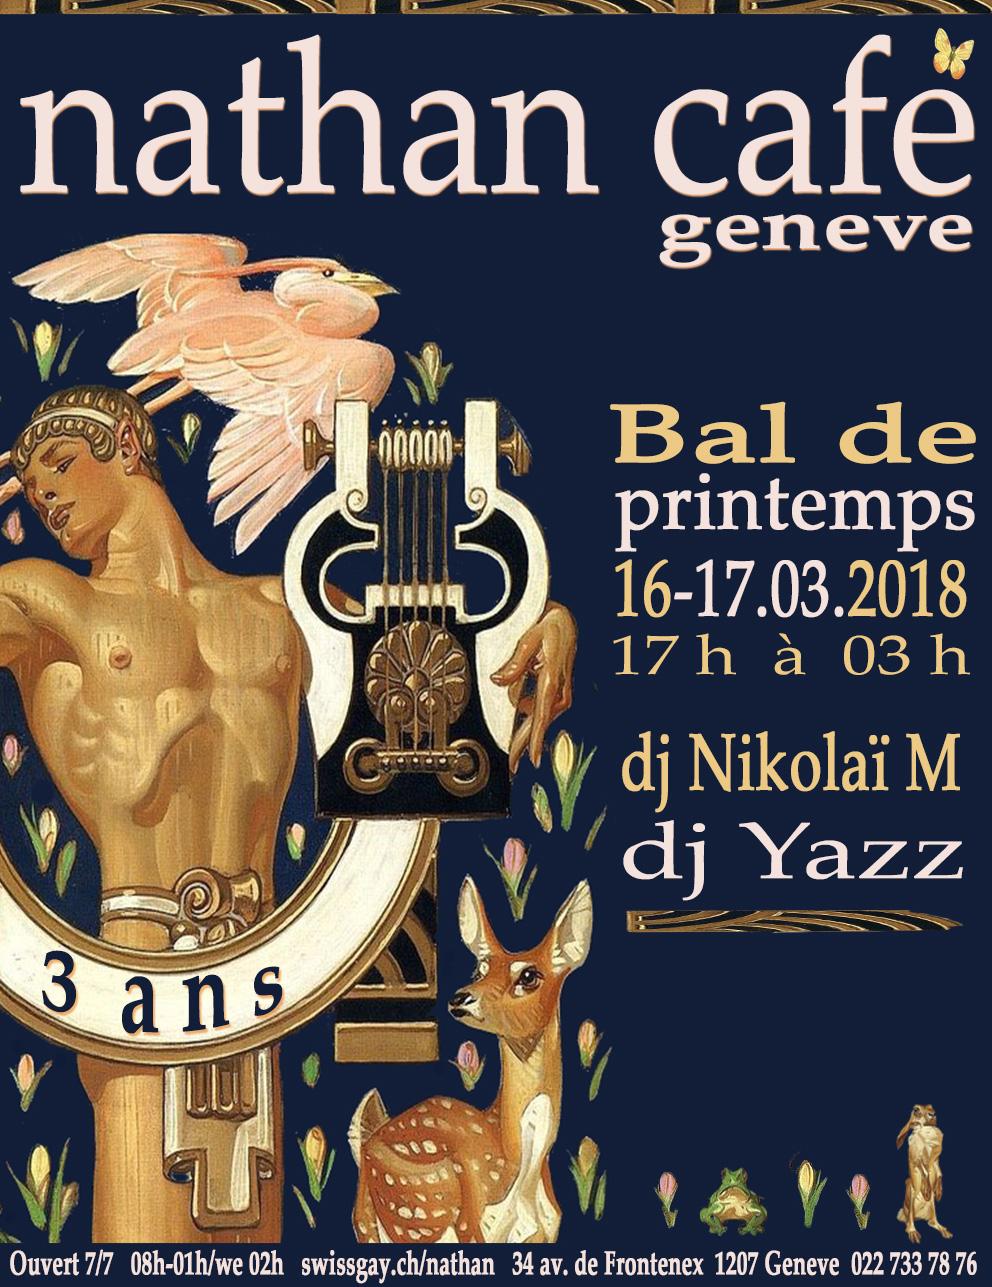 Nathan Café Genève - Bal de printemps - 3 ans ! - 16 et 17 mars 2018